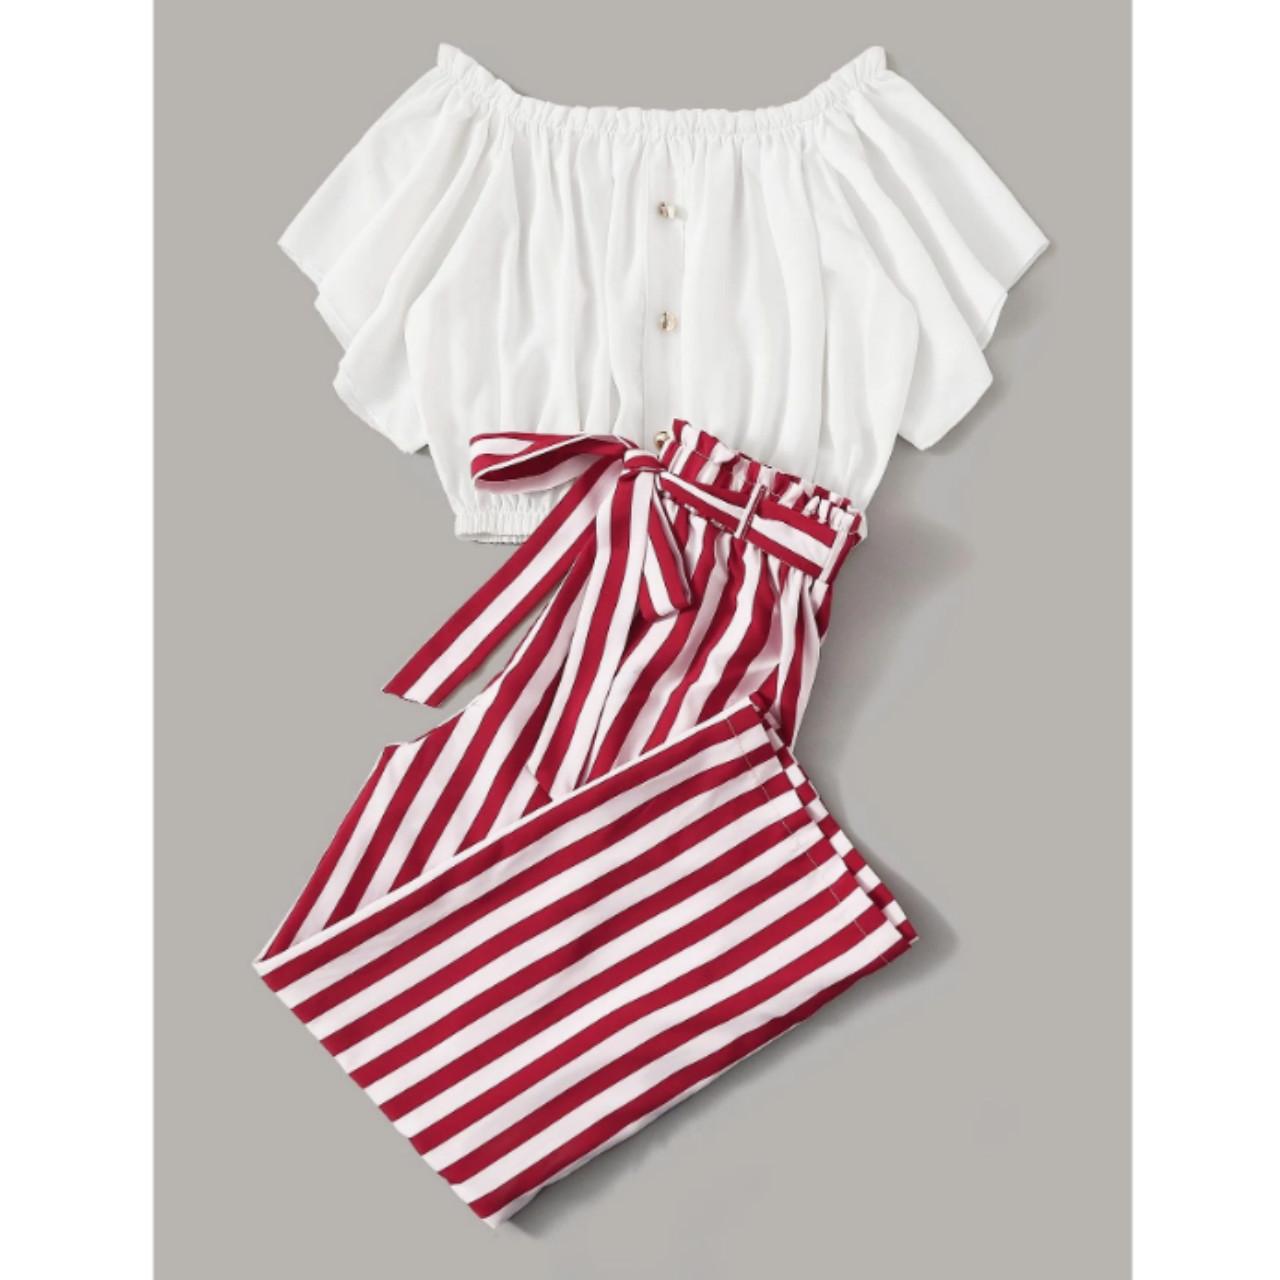 Plus top & striped pants set 4xl